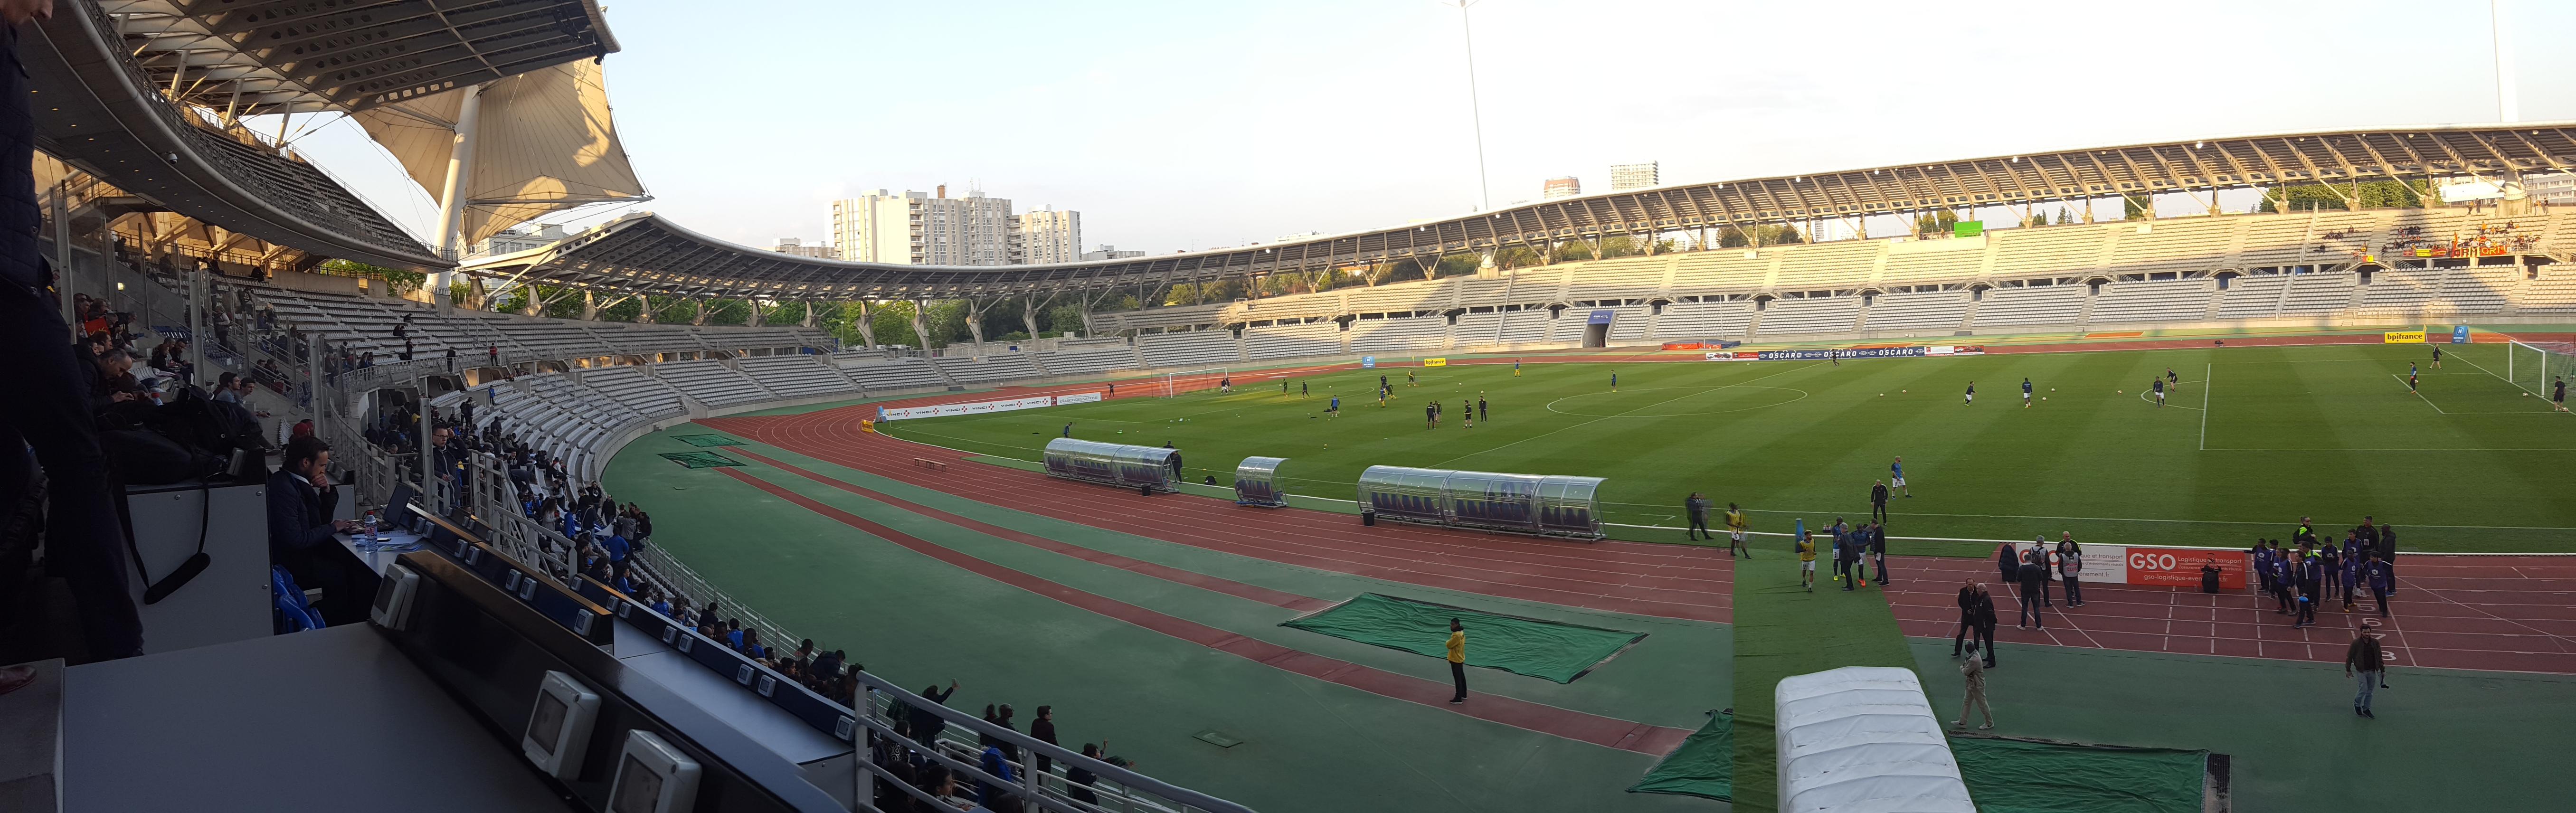 NATIONAL – PARIS FC (0-0) QUEVILLY ROUEN : Les deux équipes ont joué d'abord pour ne pas perdre et reculer.